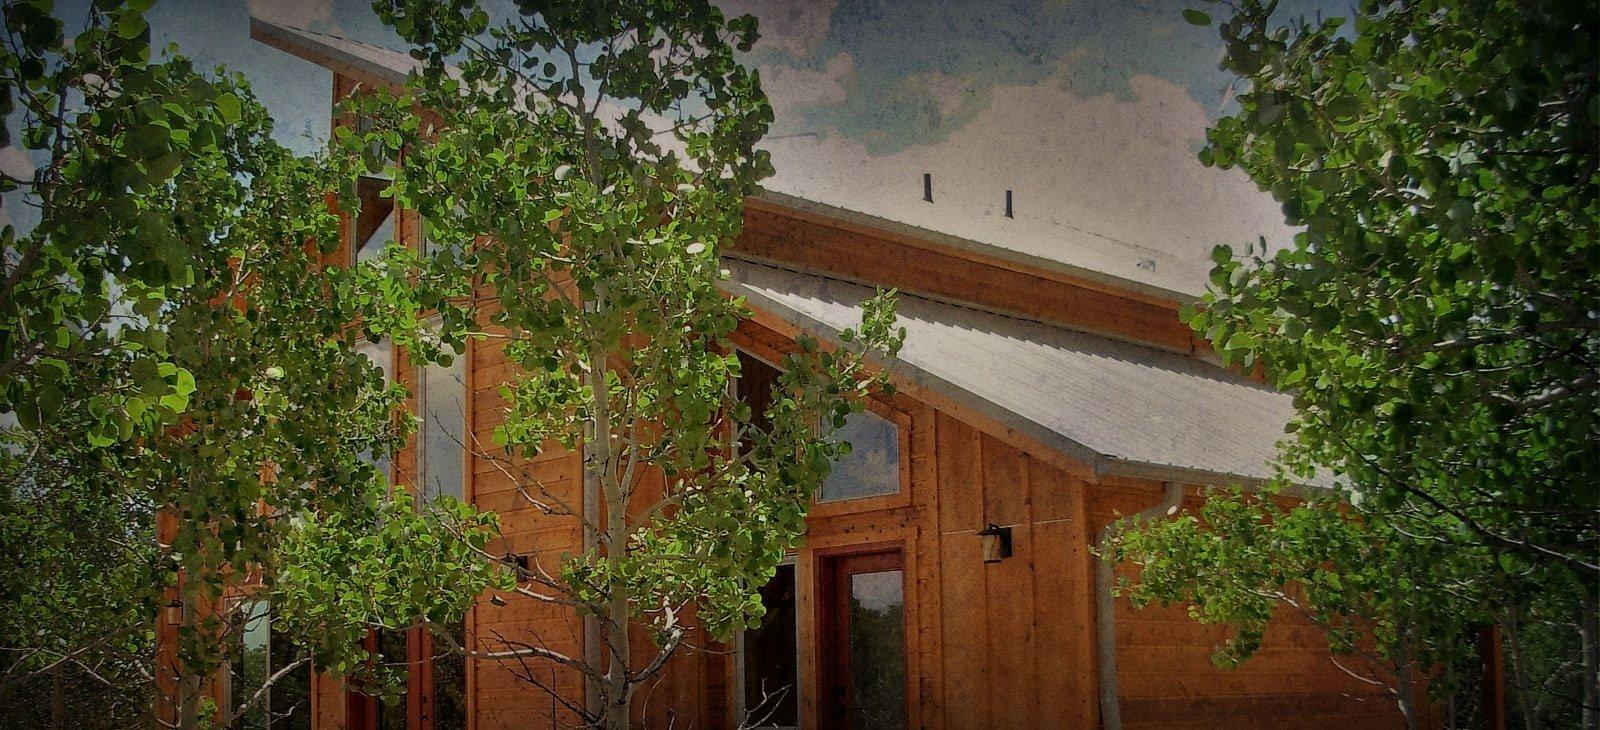 Colorado timber frame homes